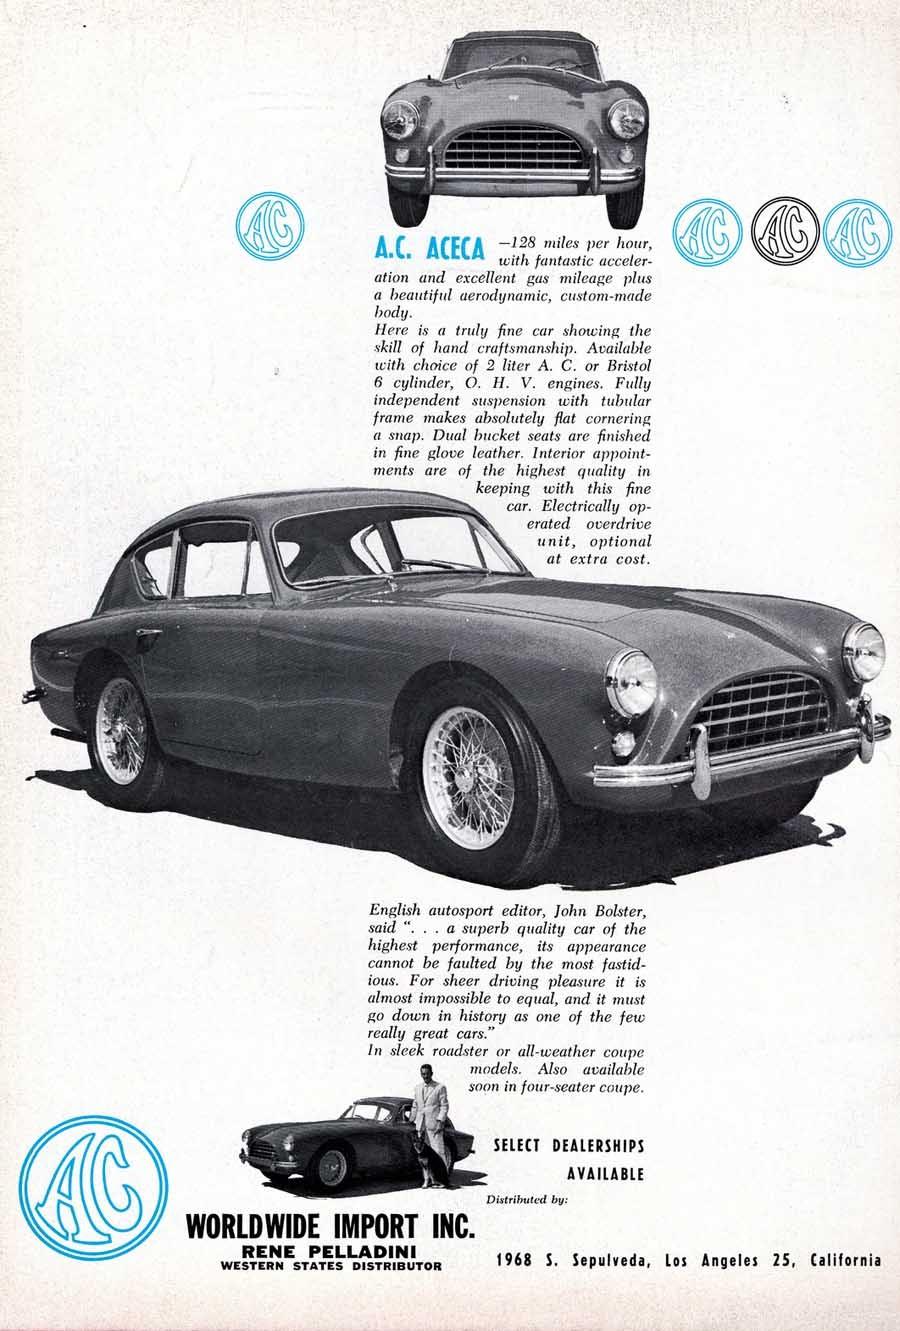 AC Aceca var en sällsynt raritet både i USA och annorstädes, bara 151 stycken av den vackra coupén gjordes.